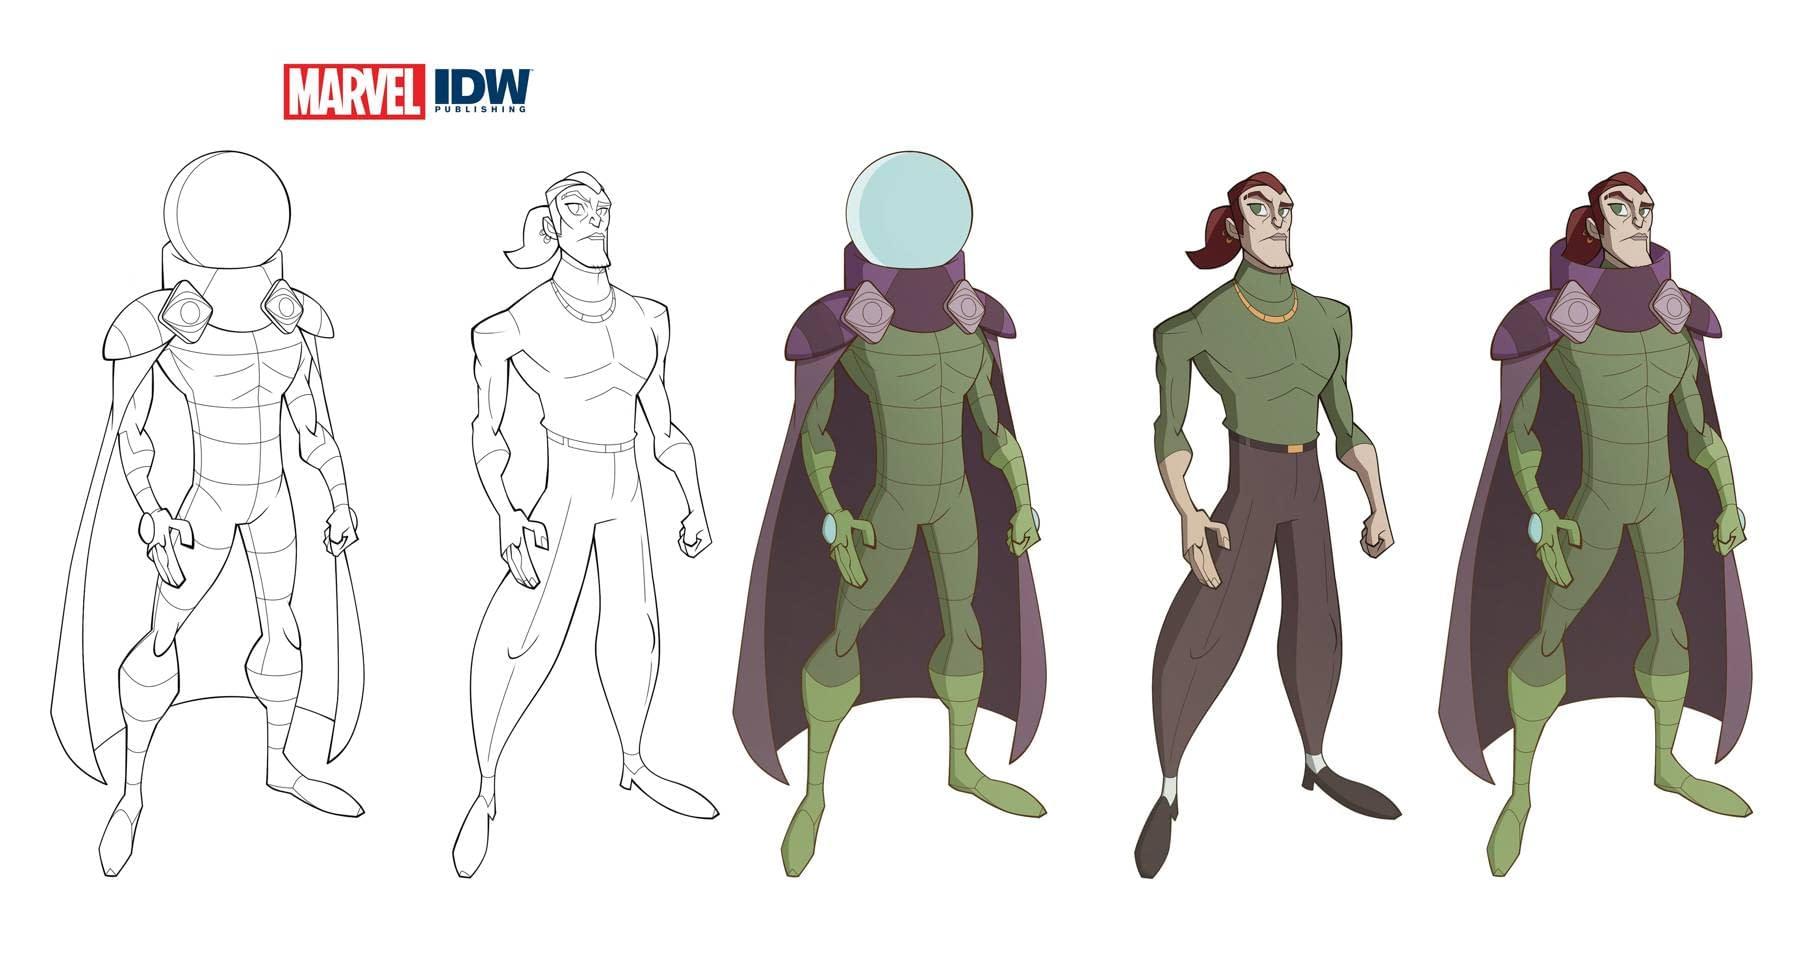 MARVEL ACTION SPIDER-MAN #3